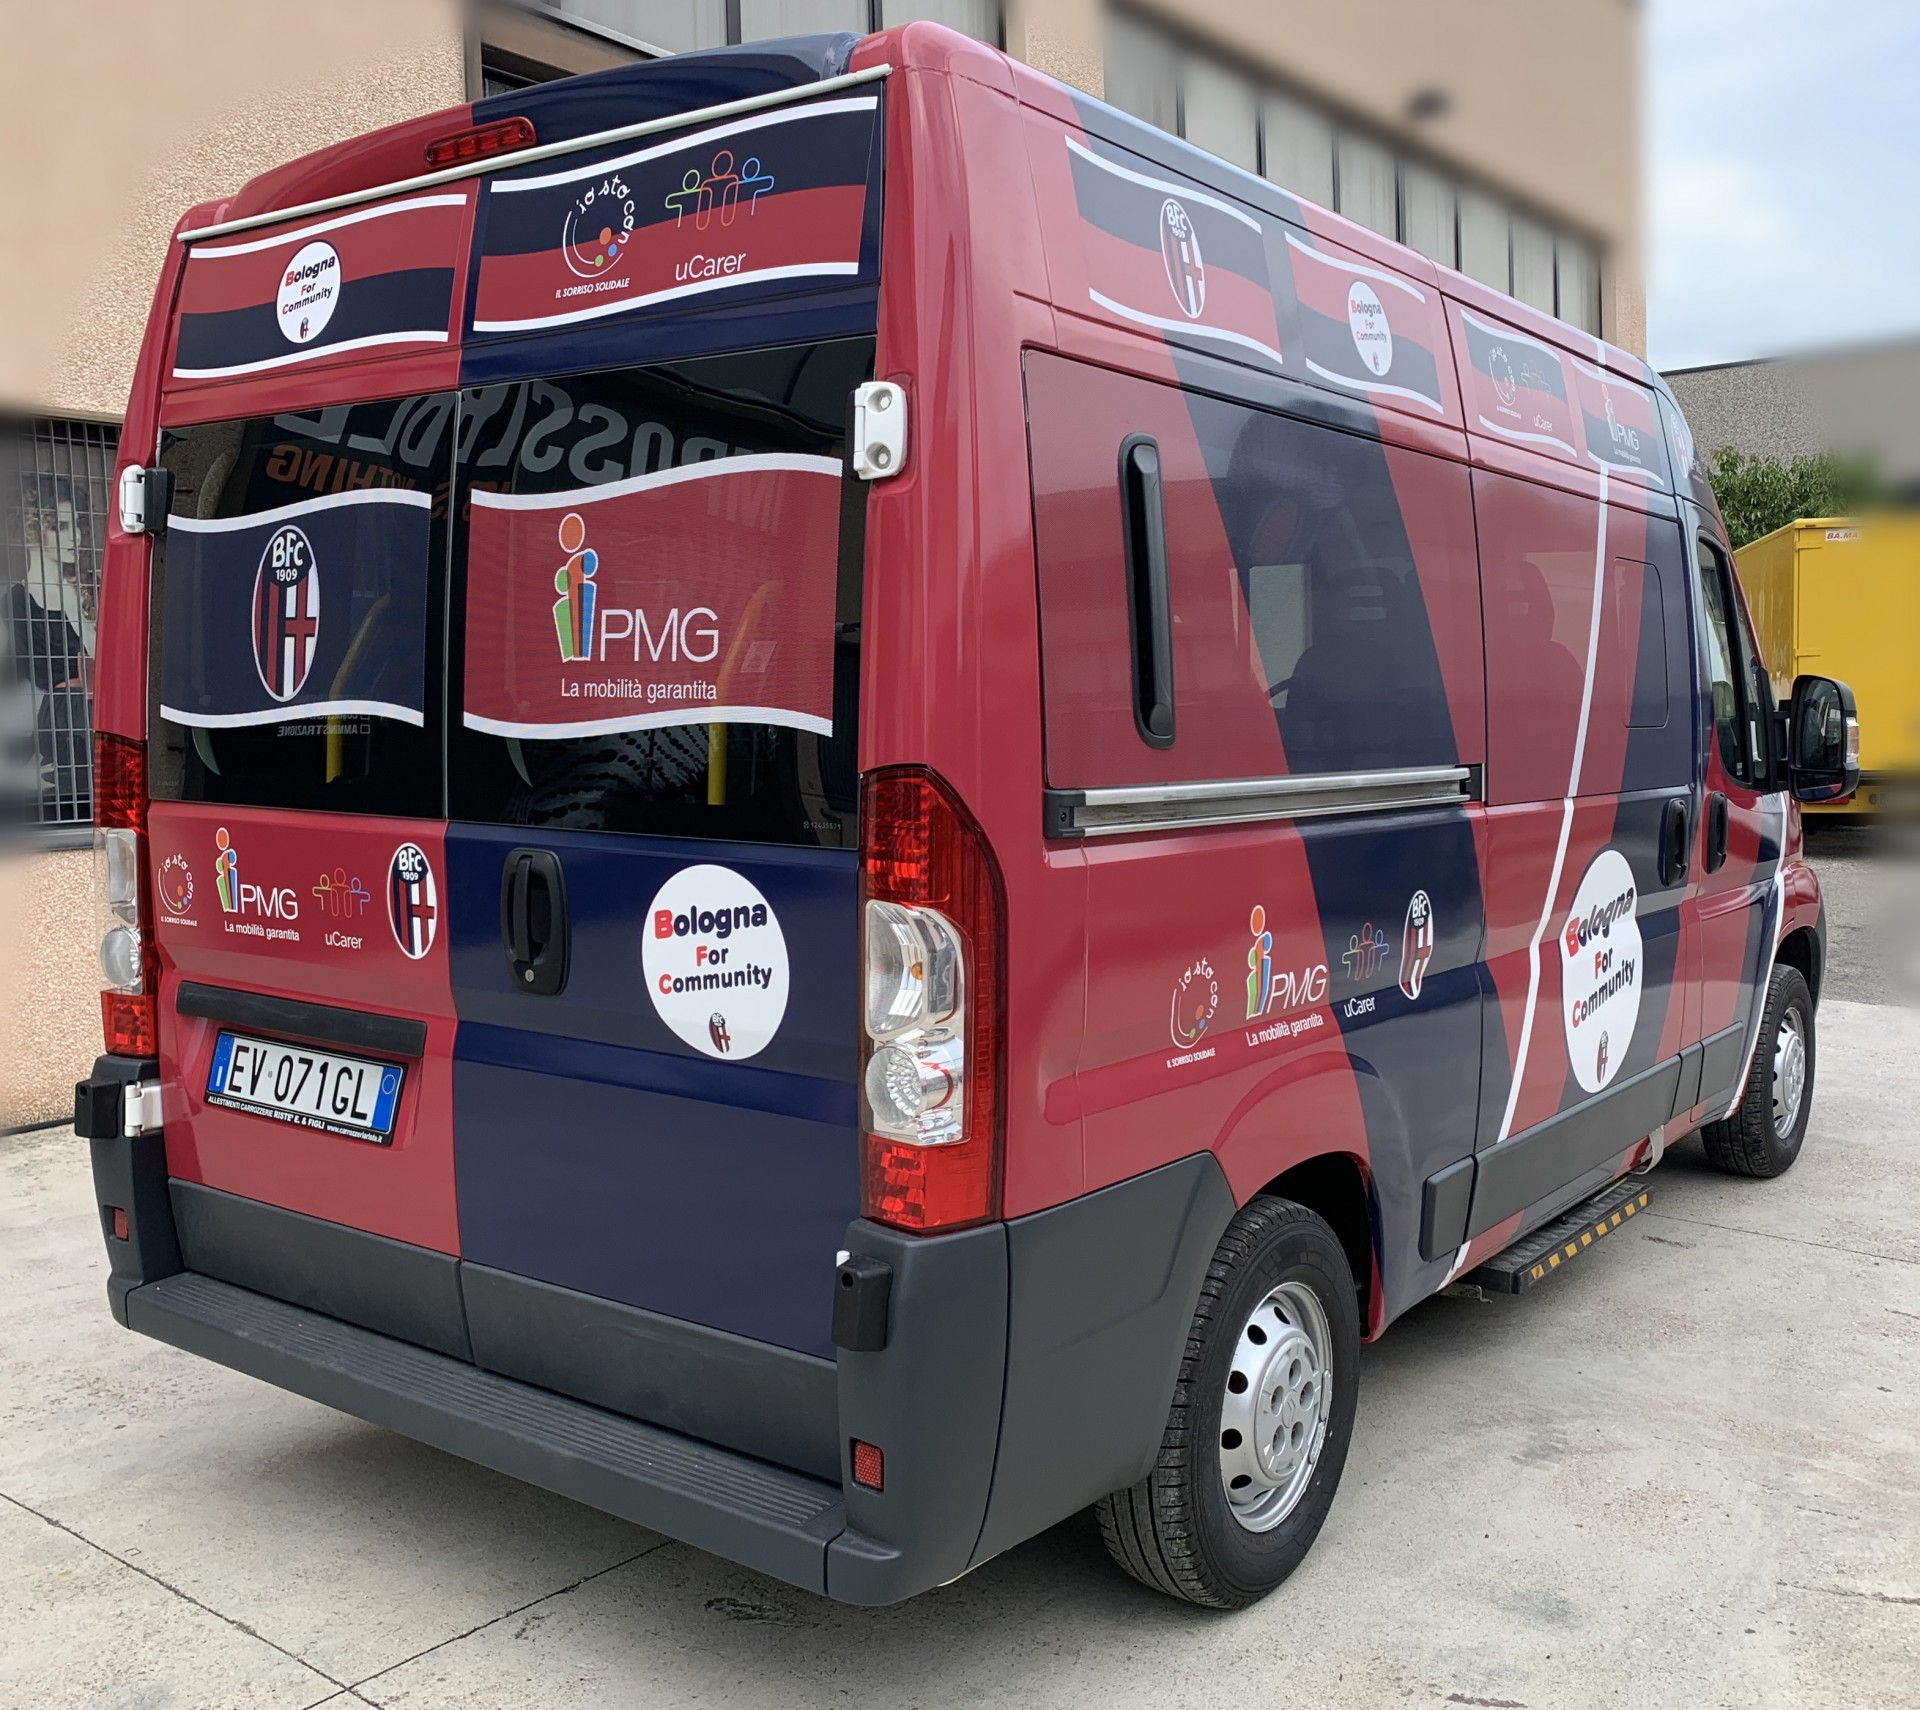 Bologna For Community